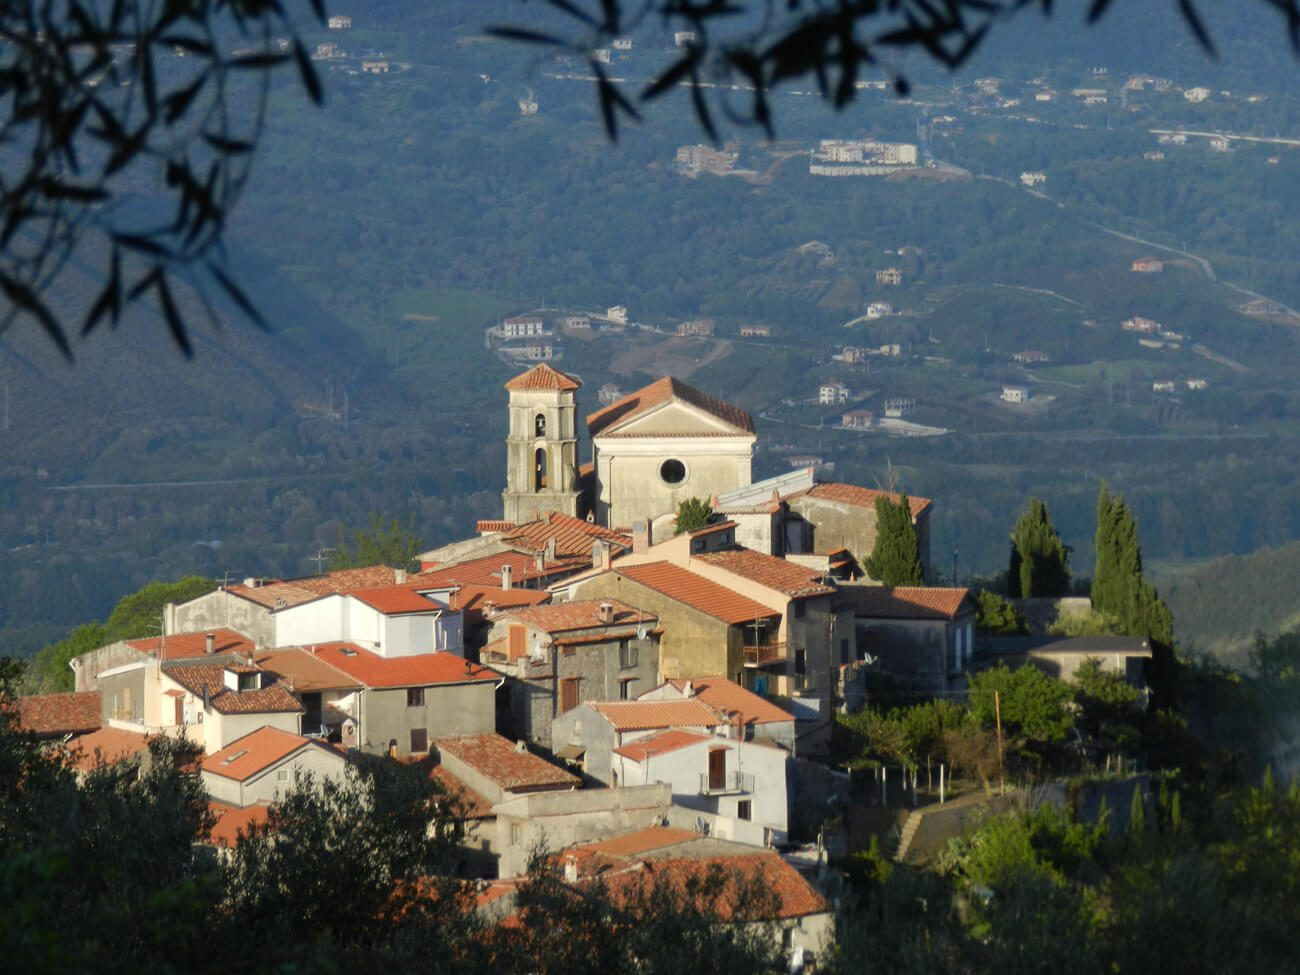 Bosco di San Giovanni a Piro in CIlento